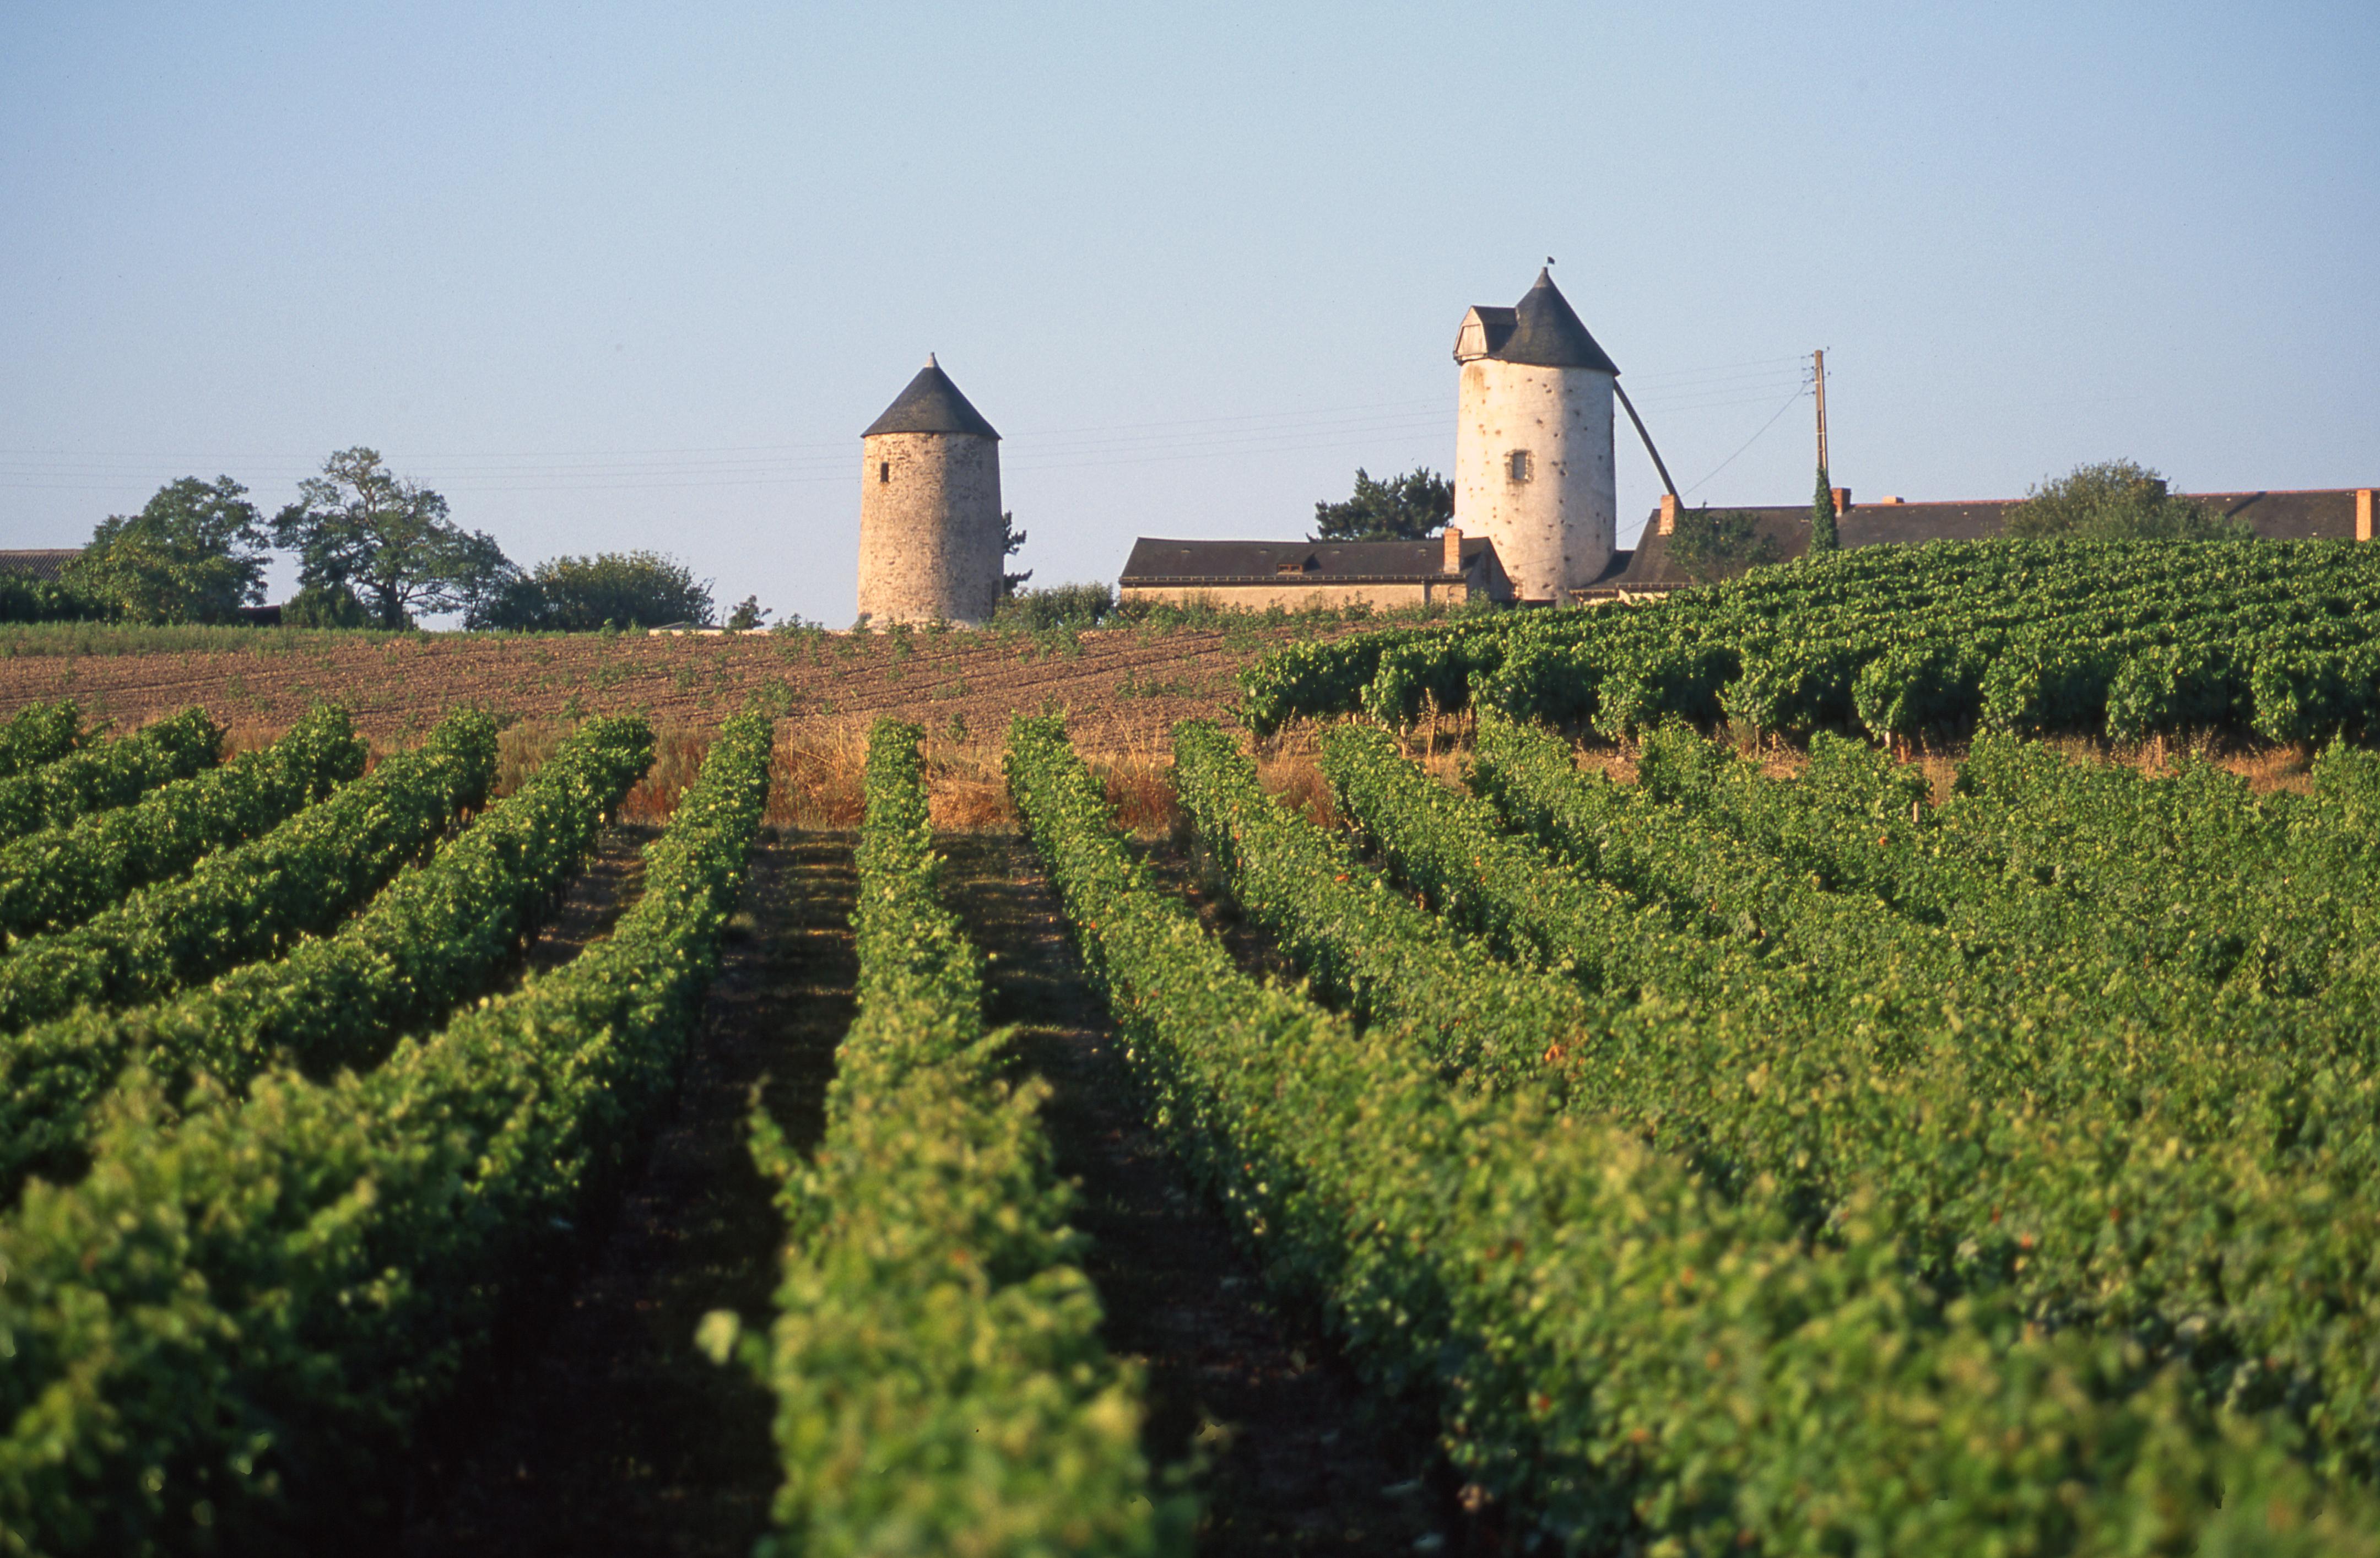 Couleur De Pierre Chalonnes Sur Loire territoire de l'anjou en val de loire